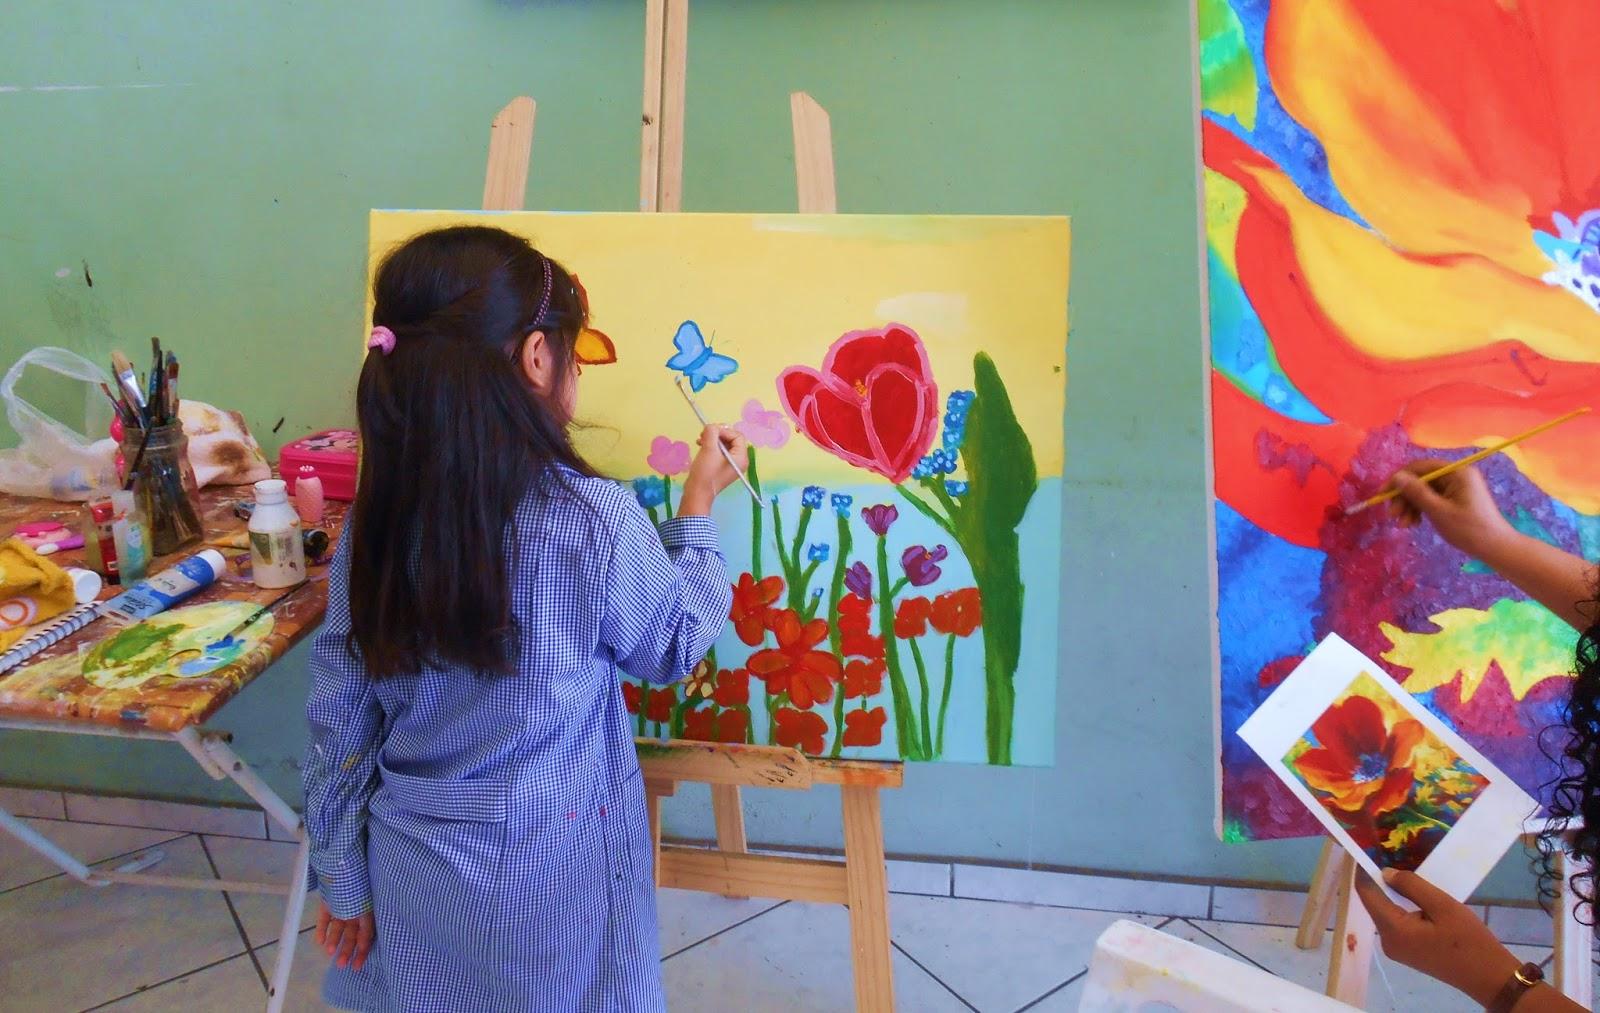 Taller clases de dibujo y pintura para ni os en antofagasta - Dibujos de pared para ninos ...